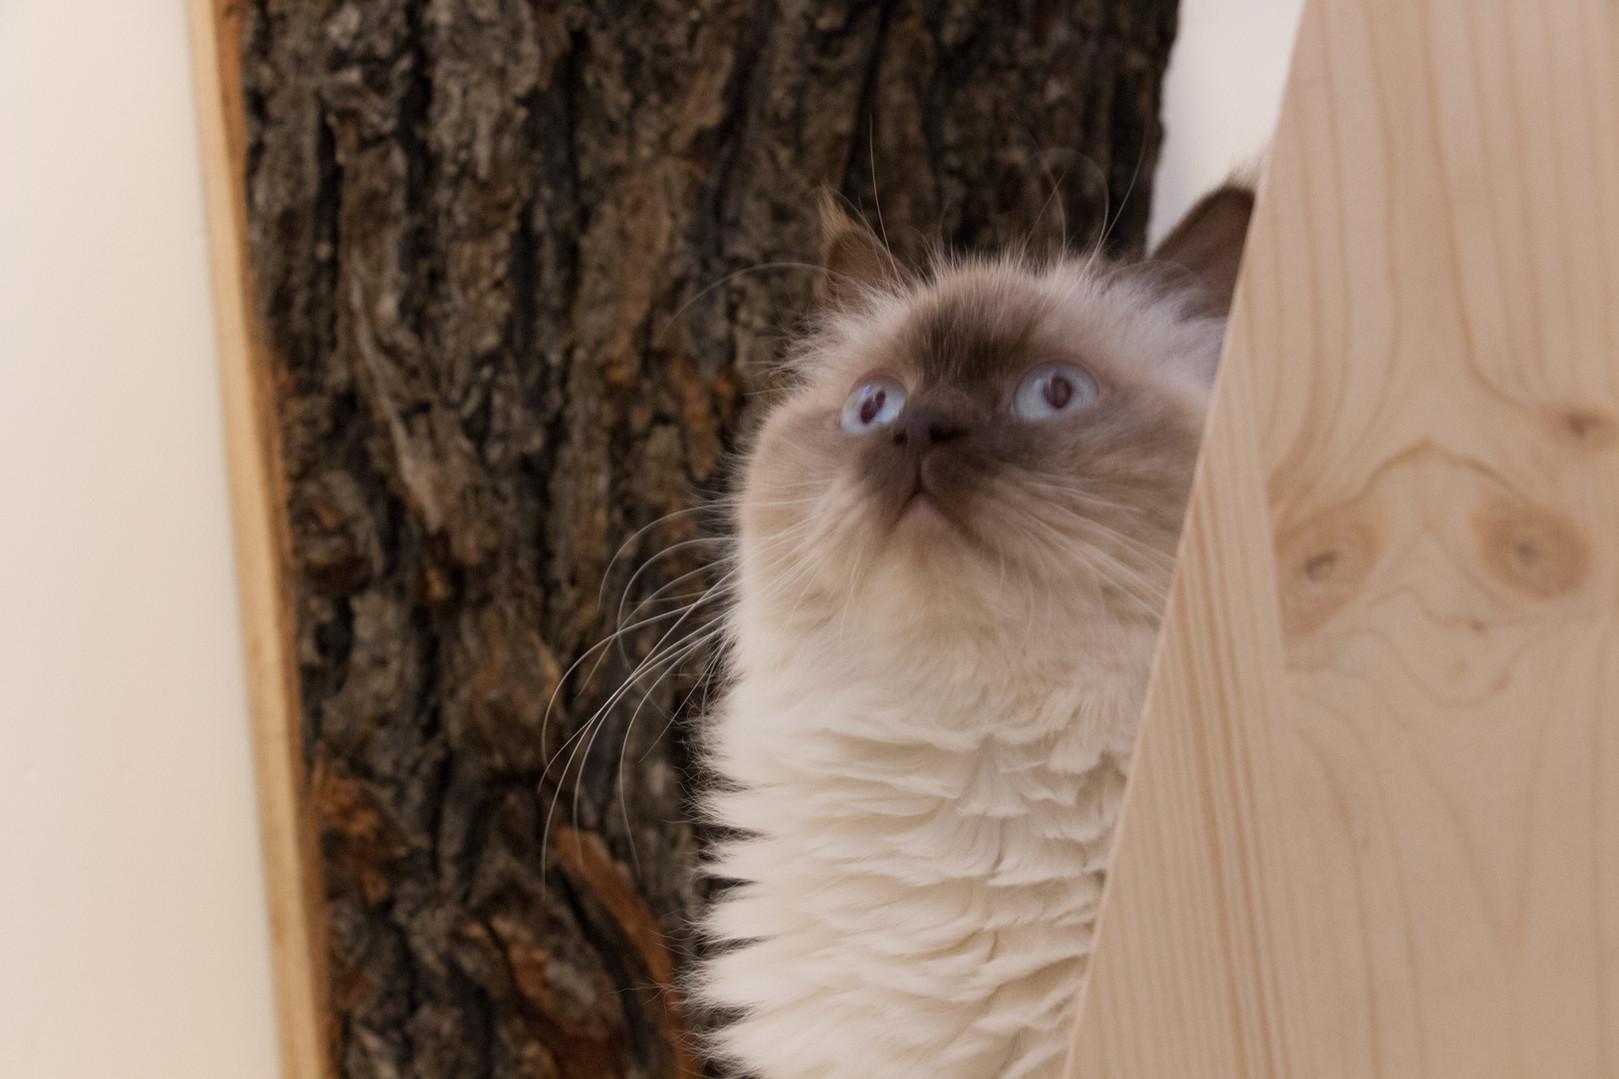 Krabboomstammen; een droom voor elke kat - kattenhotel 'Kat op hotel'